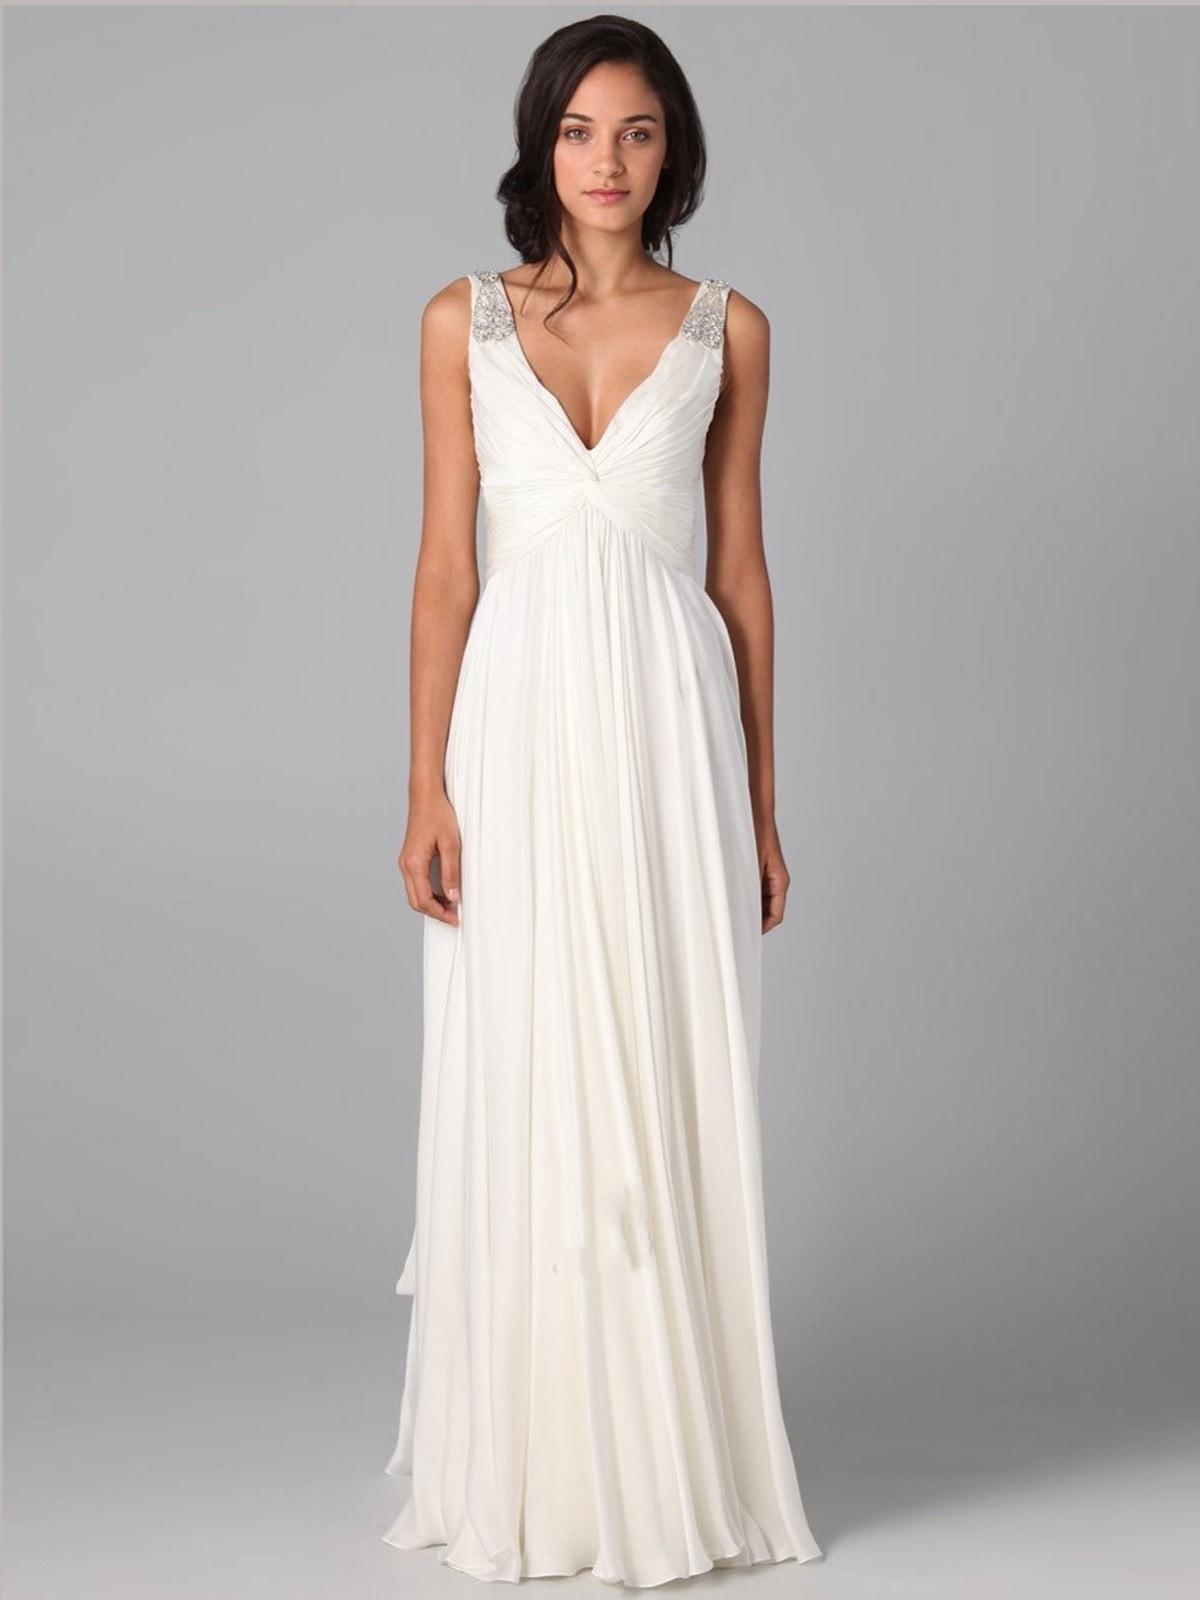 20 Einfach Weiße Abendkleider Lang Günstig Boutique13 Schön Weiße Abendkleider Lang Günstig Ärmel